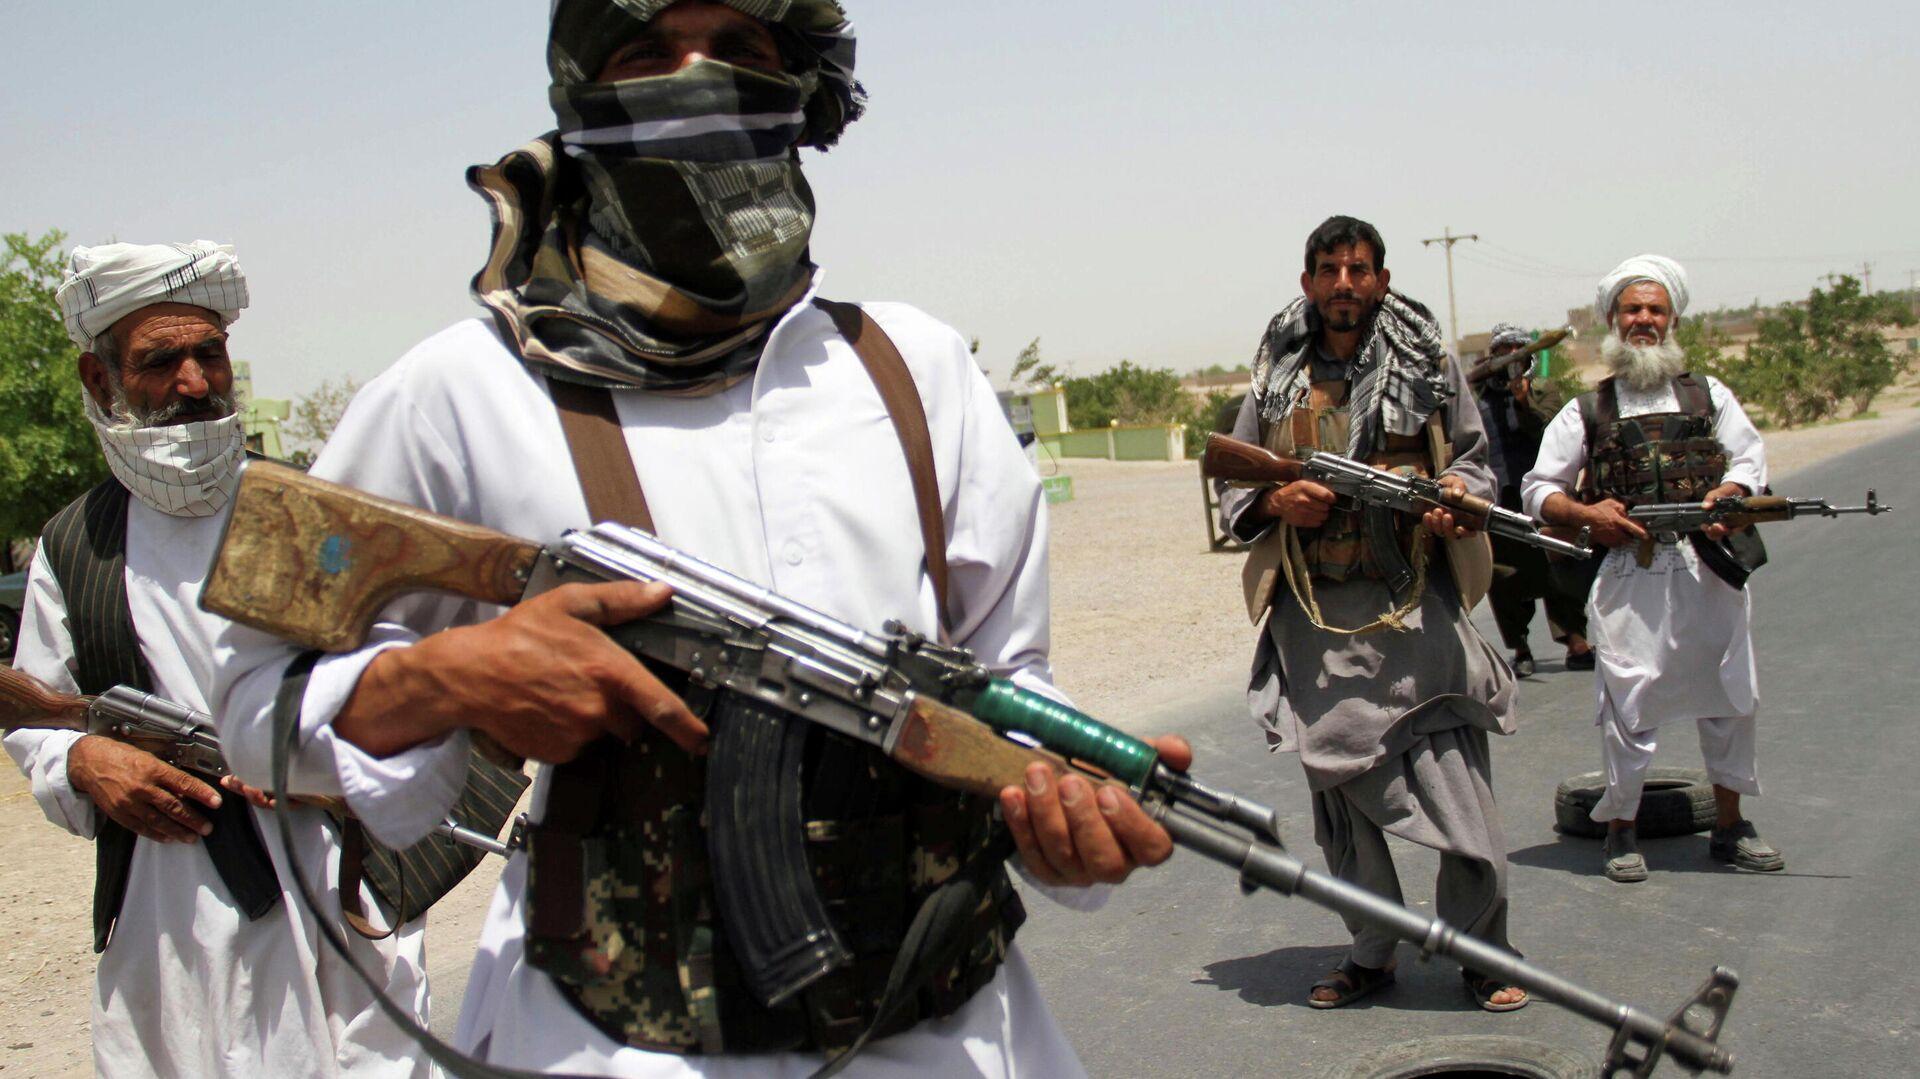 Бывшие моджахеды держат оружие, чтобы поддержать афганские силы в их борьбе против талибов - Sputnik Тоҷикистон, 1920, 09.08.2021